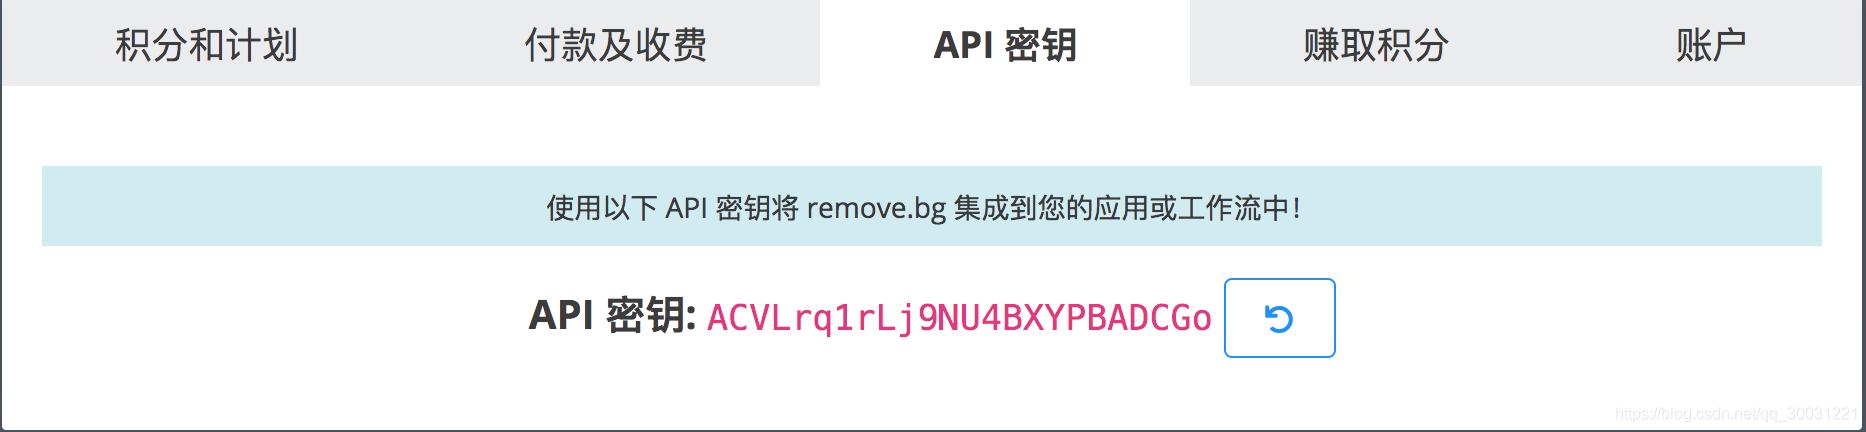 API密钥